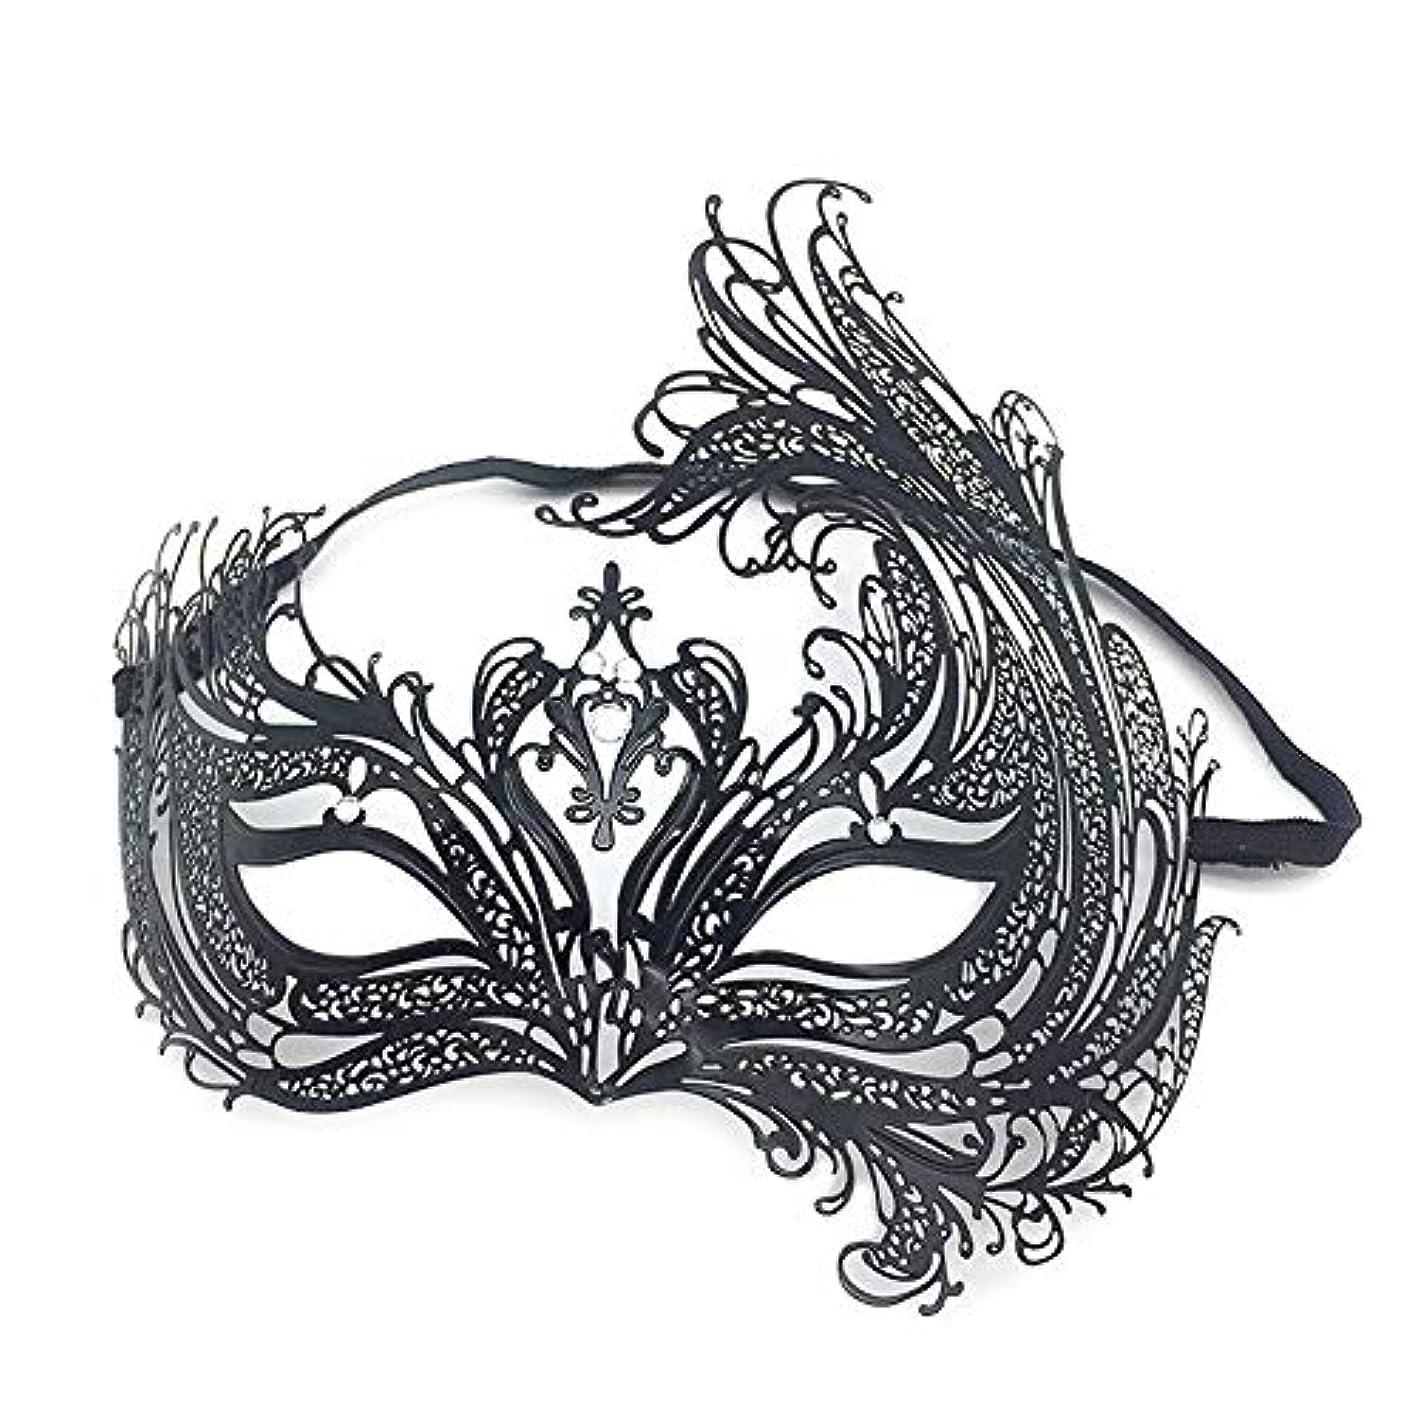 分注する頑張るセッションダンスマスク 仮面舞踏会パーティーブラックセクシーハーフフェイスフェニックスハロウィーンロールプレイングメタルマスクガール ホリデーパーティー用品 (色 : ブラック, サイズ : 20x19cm)